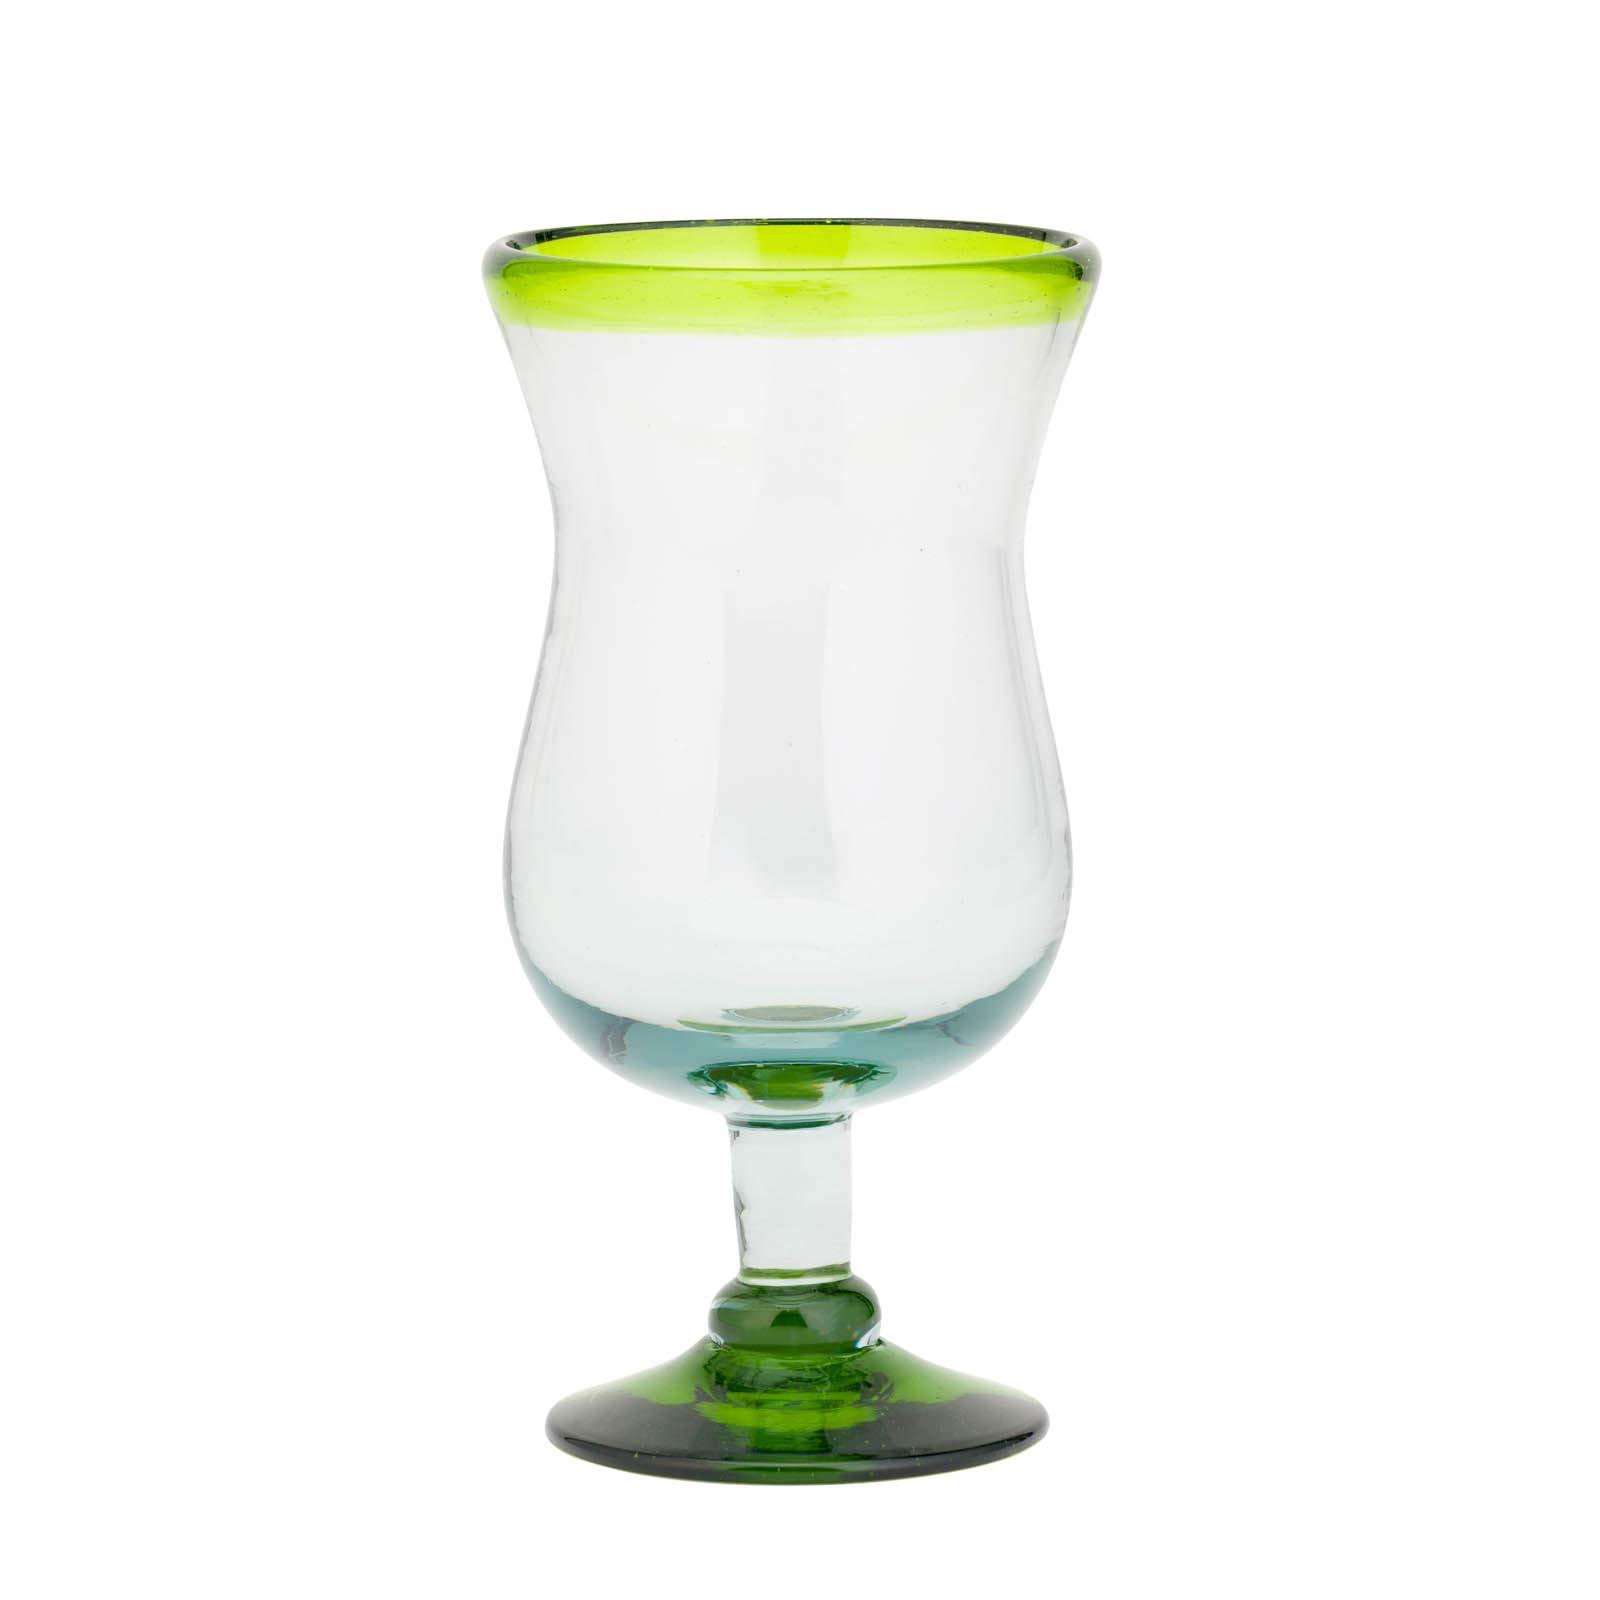 Amici Home 7MCR387S4R Baja Hurricane Drinking Glass 16 Fluid Ounces Lime Rim